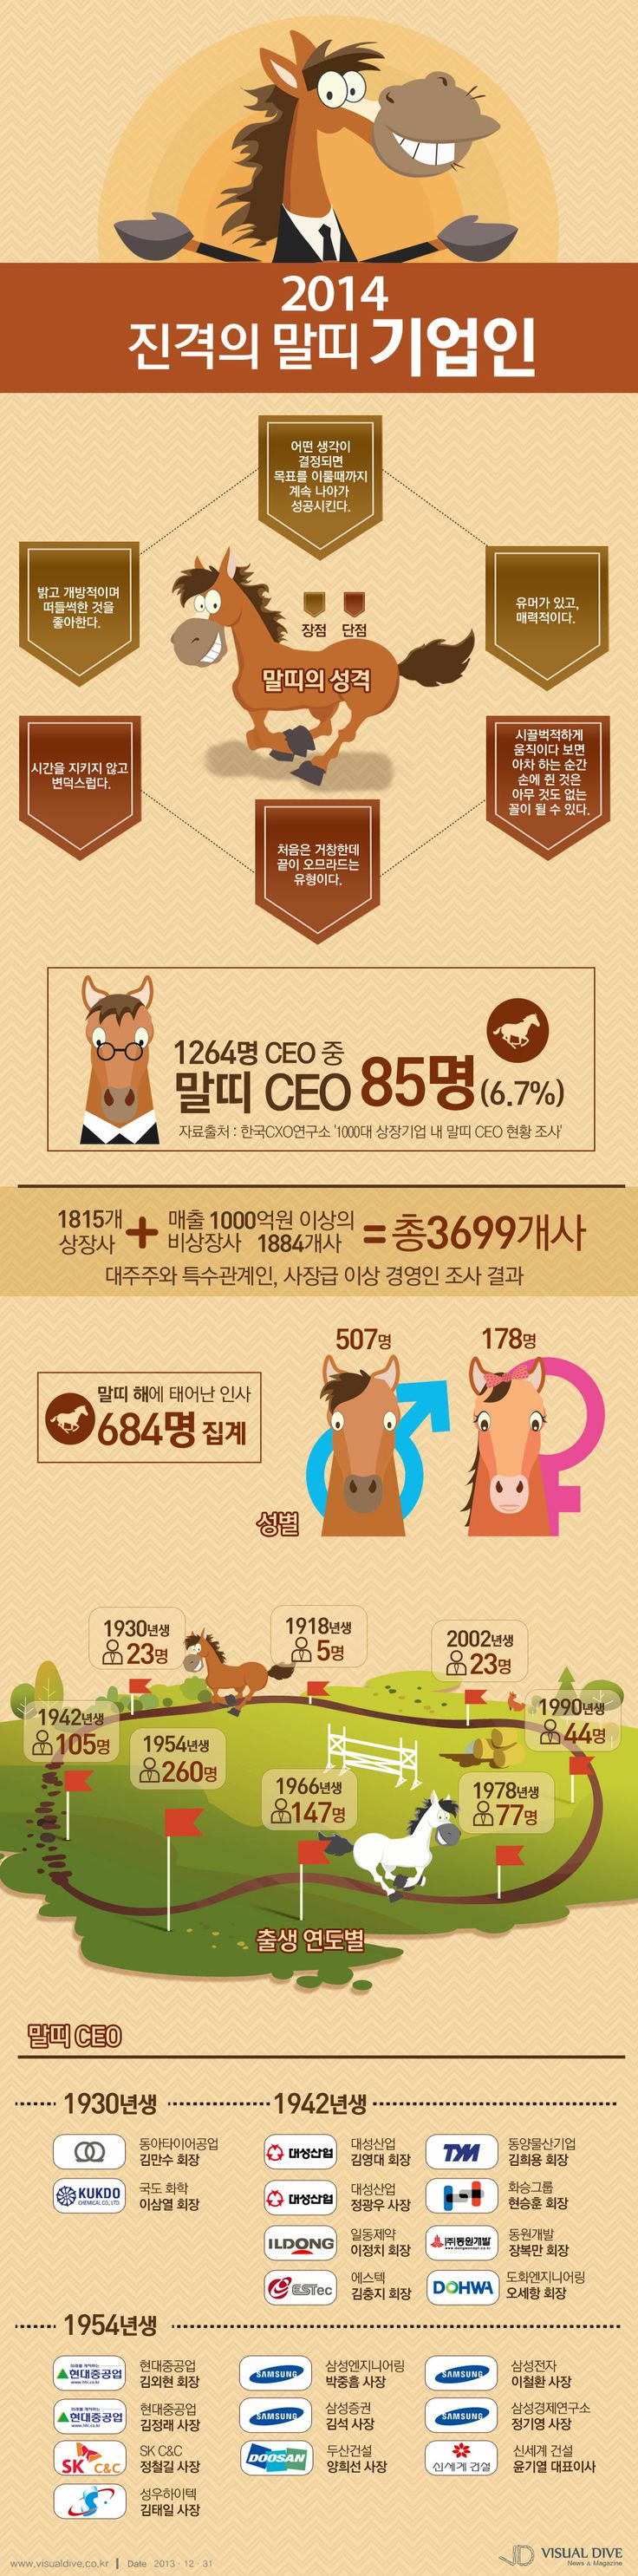 [인포그래픽] '말띠'의 해, 2014년 승승장구할 CEO #CEO / #Infographic ⓒ 비주얼다이브 무단 복사·전재·재배포 금지